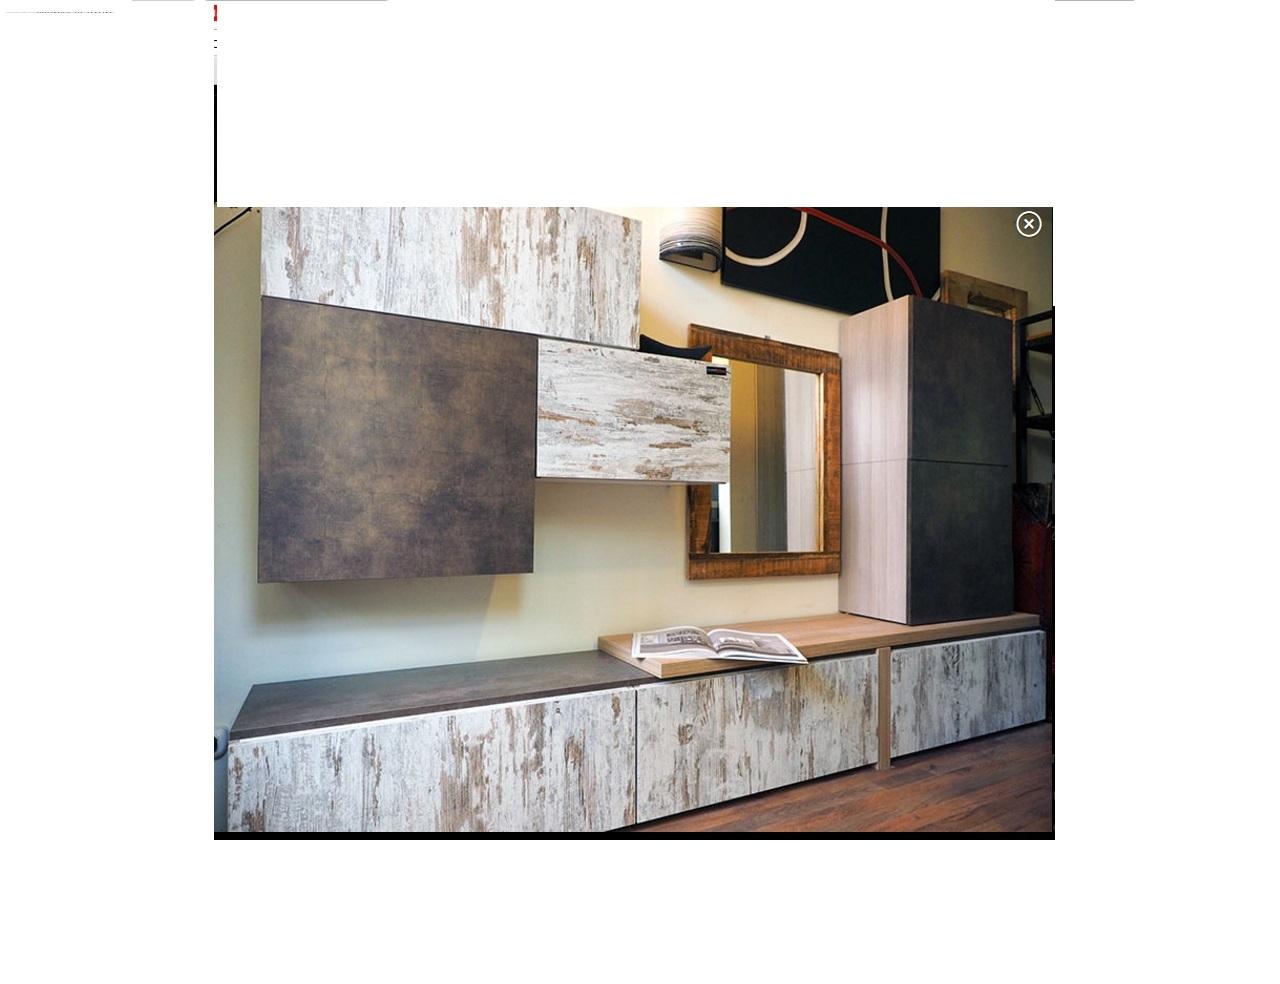 Soggiorno zen white etnico moderno legno vintage in for Arredamento soggiorno moderno in legno